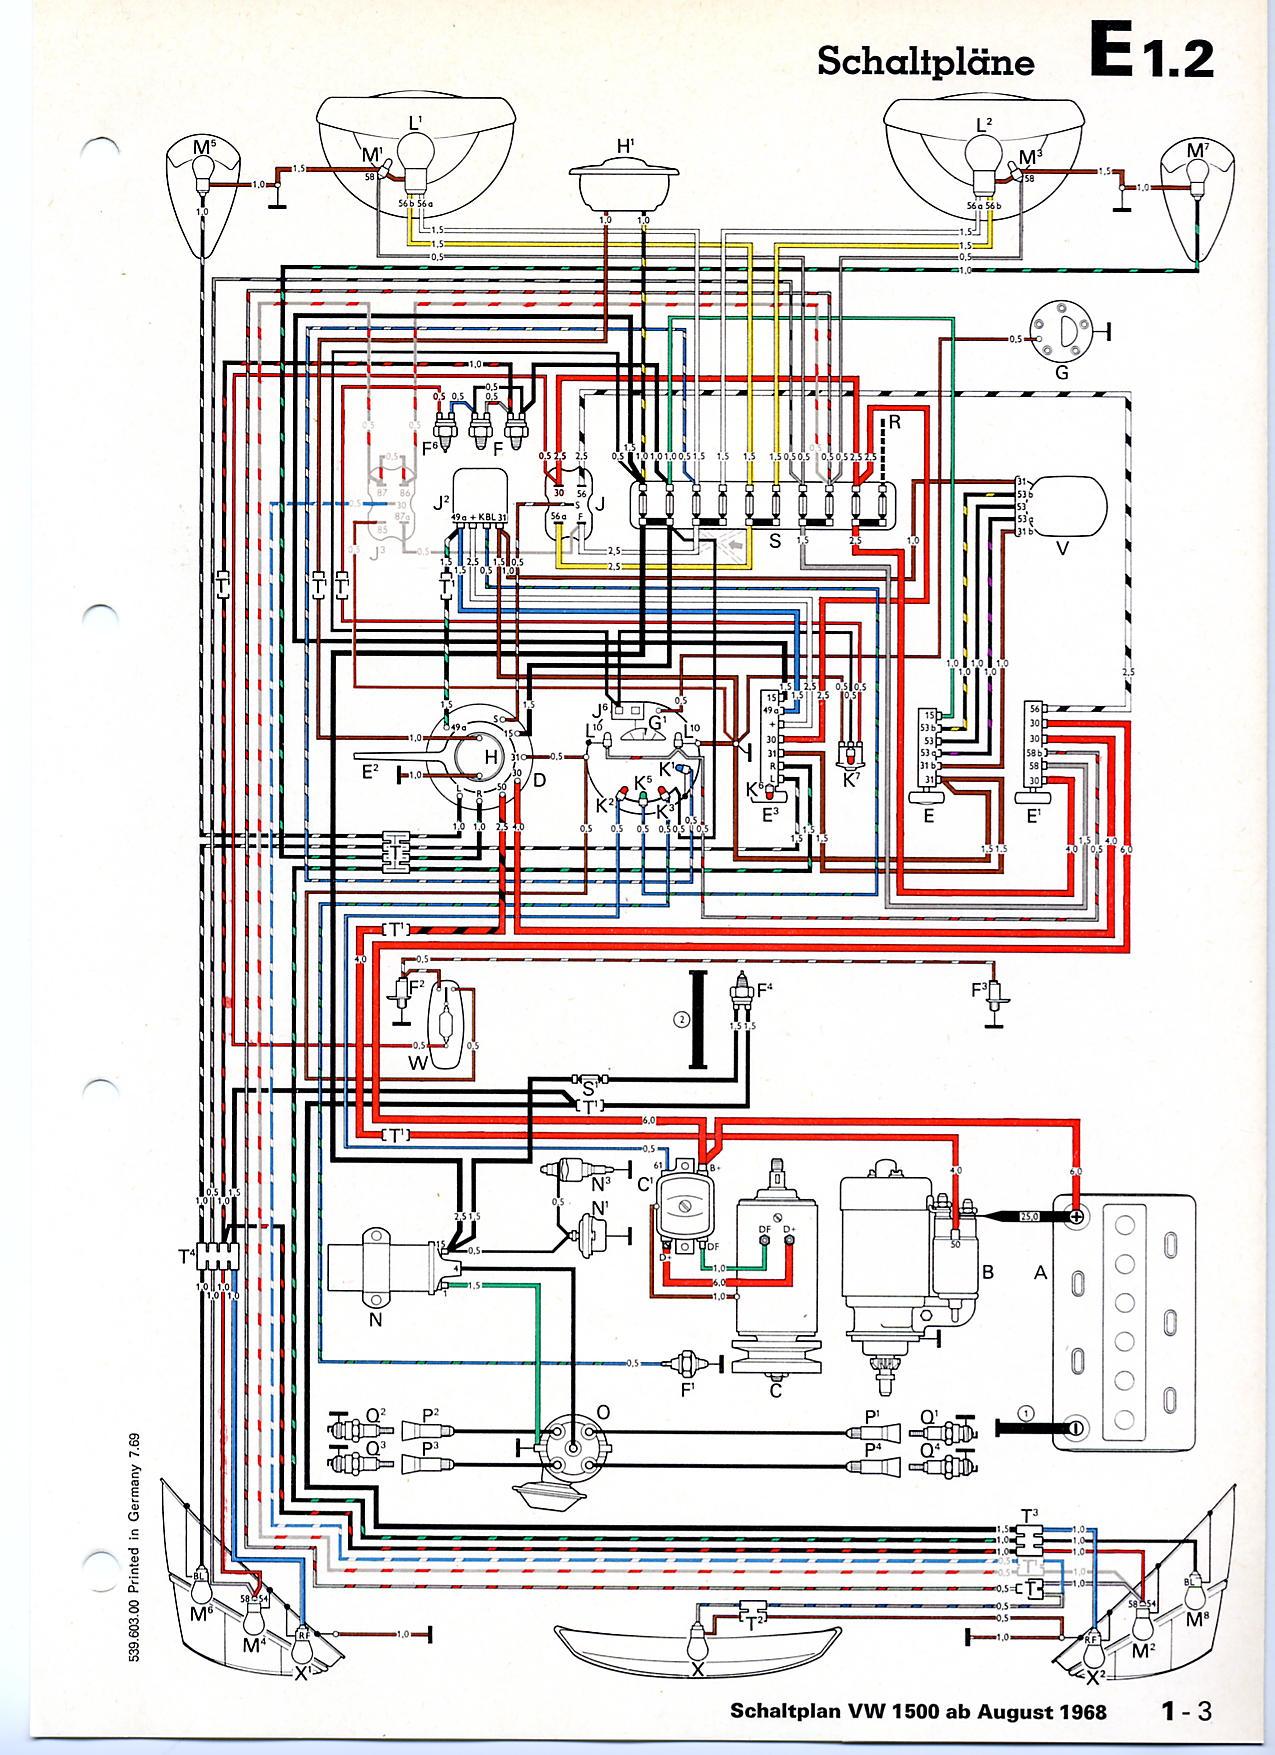 Erfreut 1969 Vw Käfer Schaltplan Galerie - Der Schaltplan - triangre ...